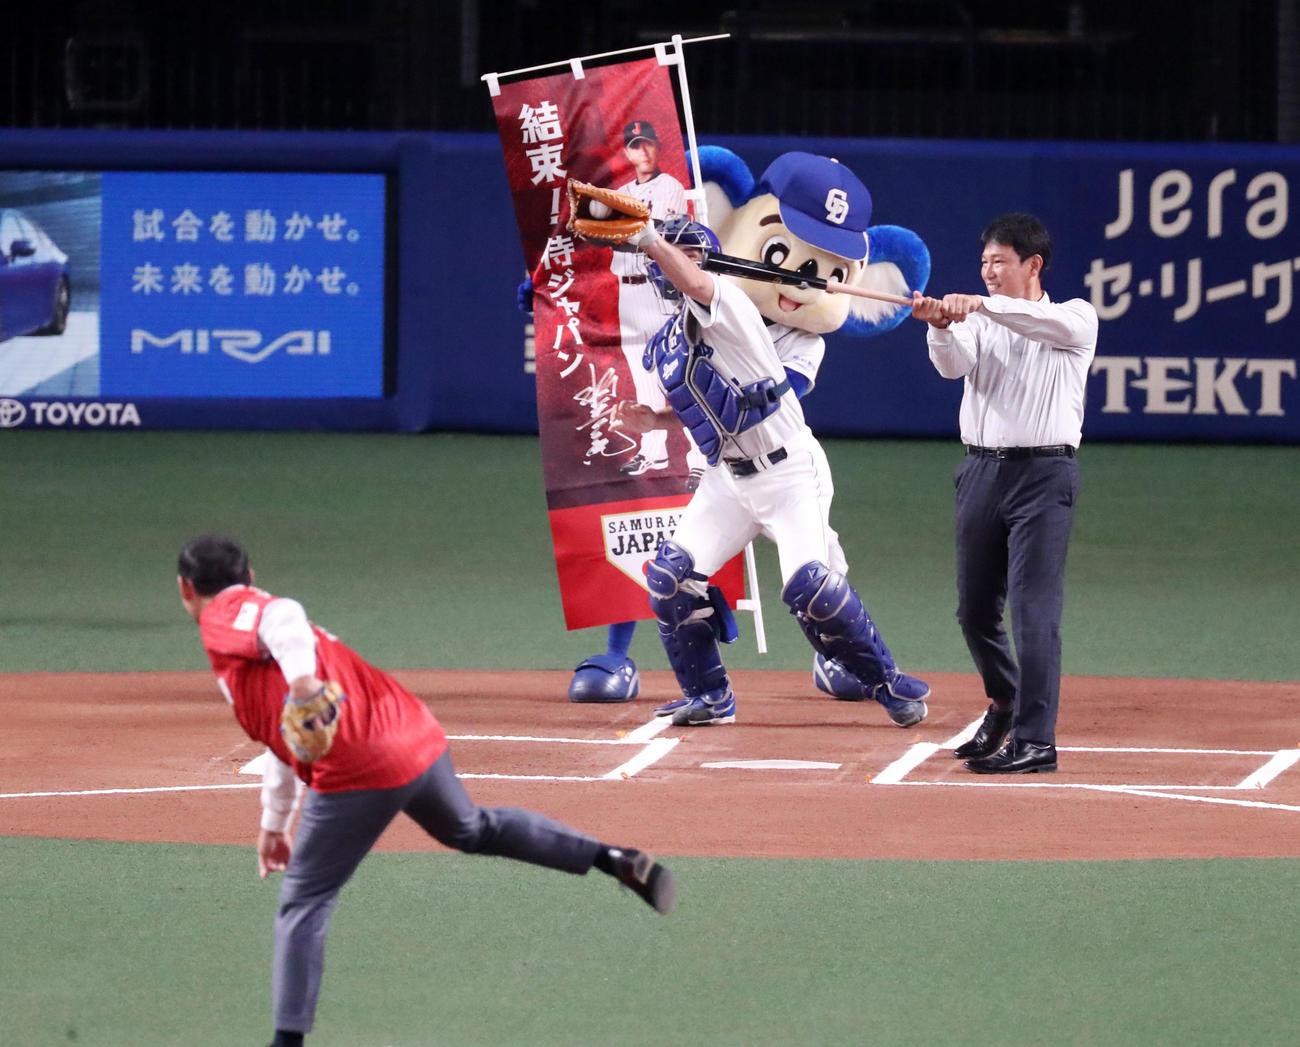 中日対阪神 試合前、セレモニアルピッチを行った川上氏(左)と打席に立つ侍ジャパンの井端コーチ(撮影・加藤哉)